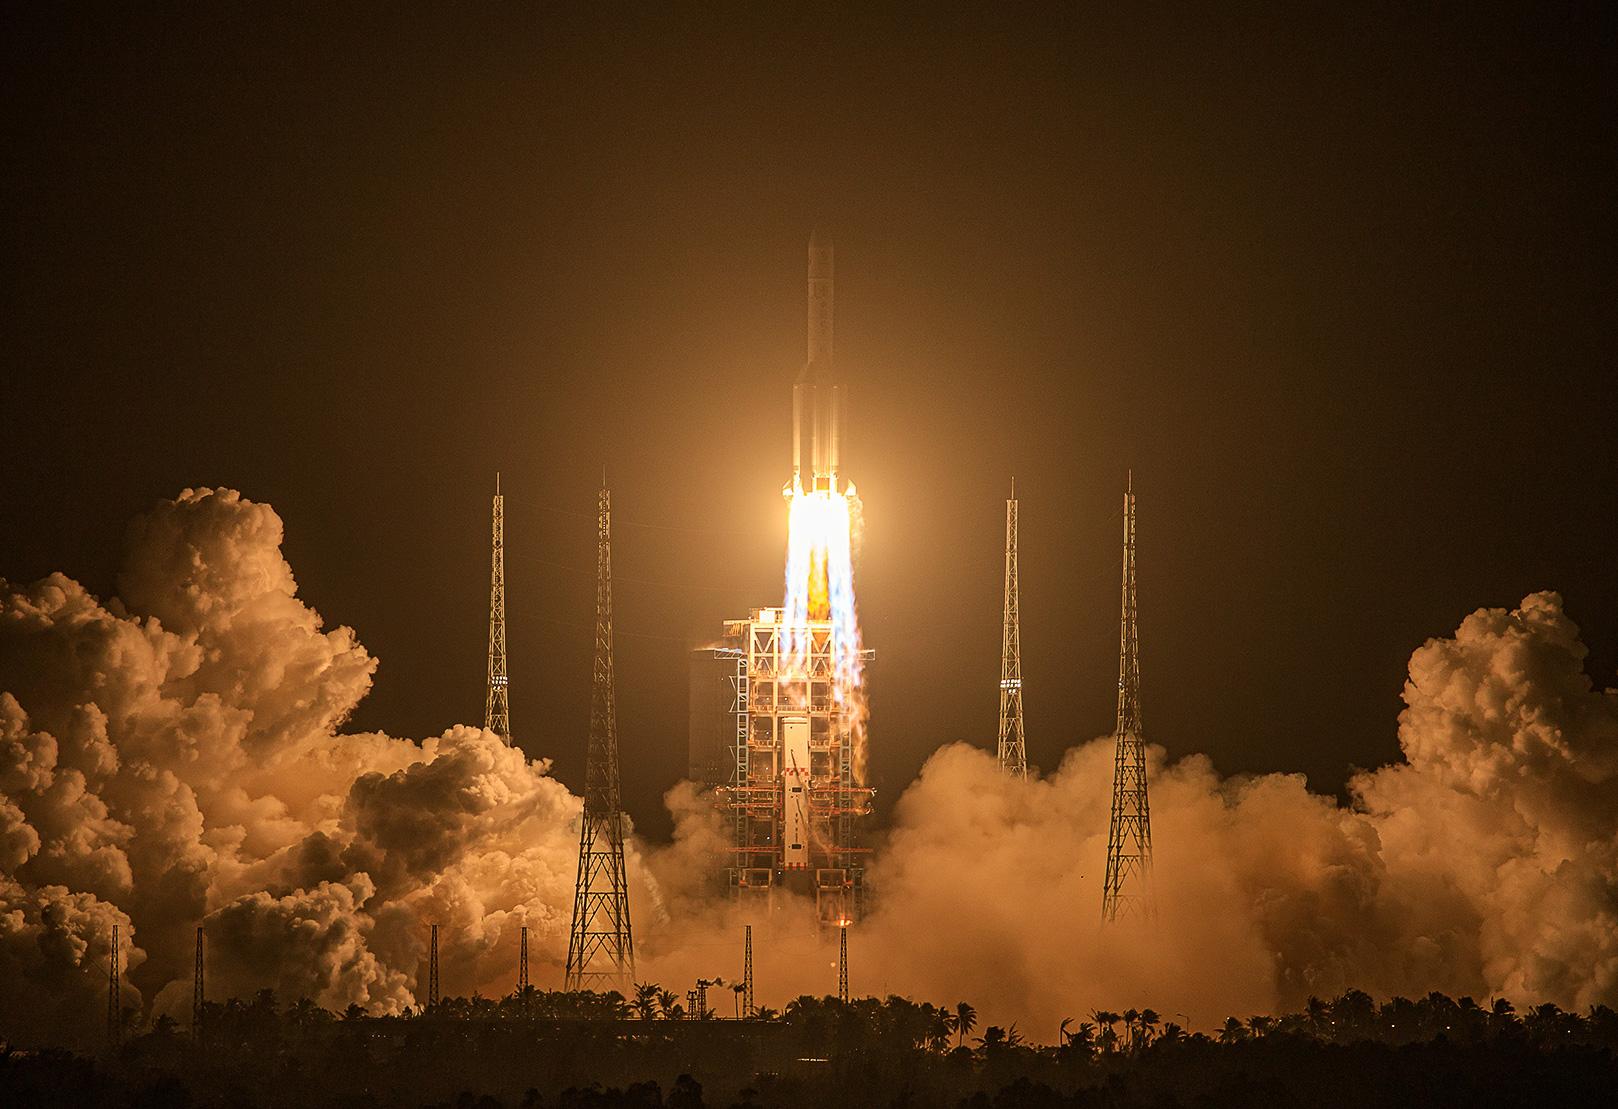 嫦娥五号探测器发射升空